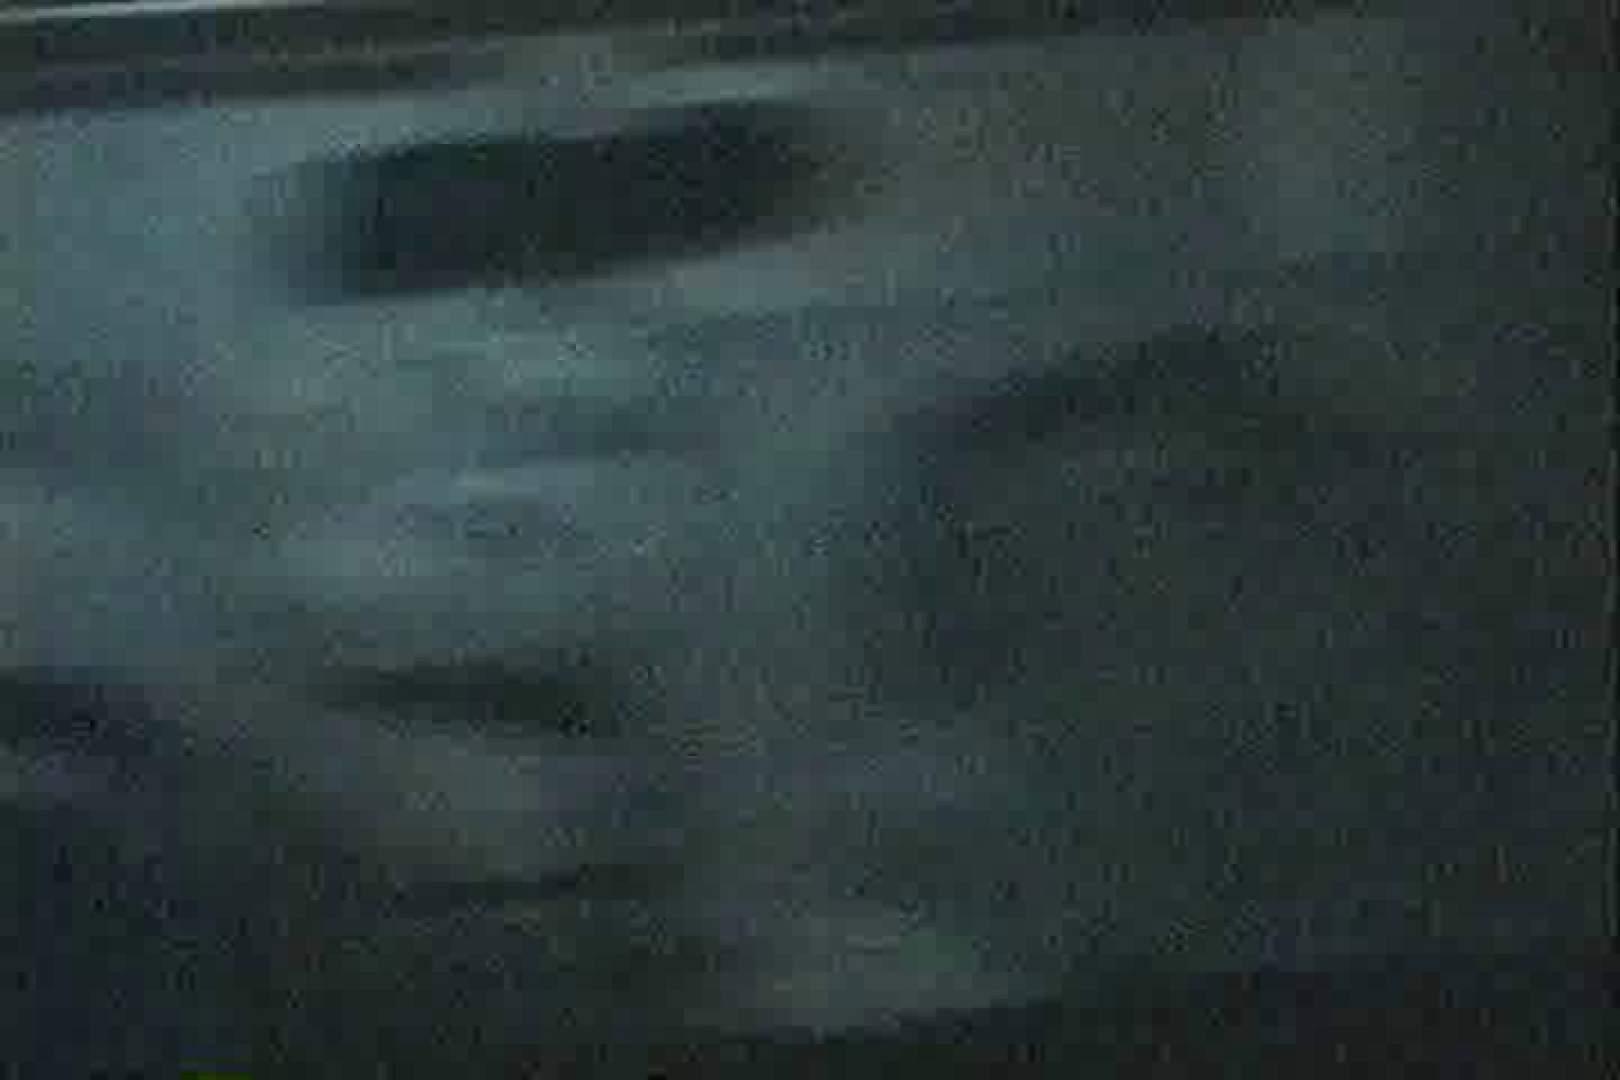 車の中はラブホテル 無修正版  Vol.28 車 おめこ無修正動画無料 79画像 45